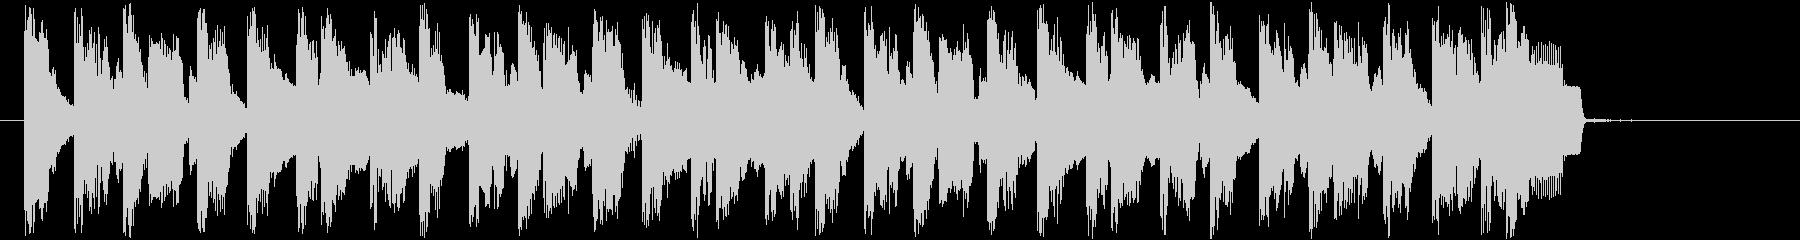 ピコピコ音の10秒ほどの短い曲です。の未再生の波形